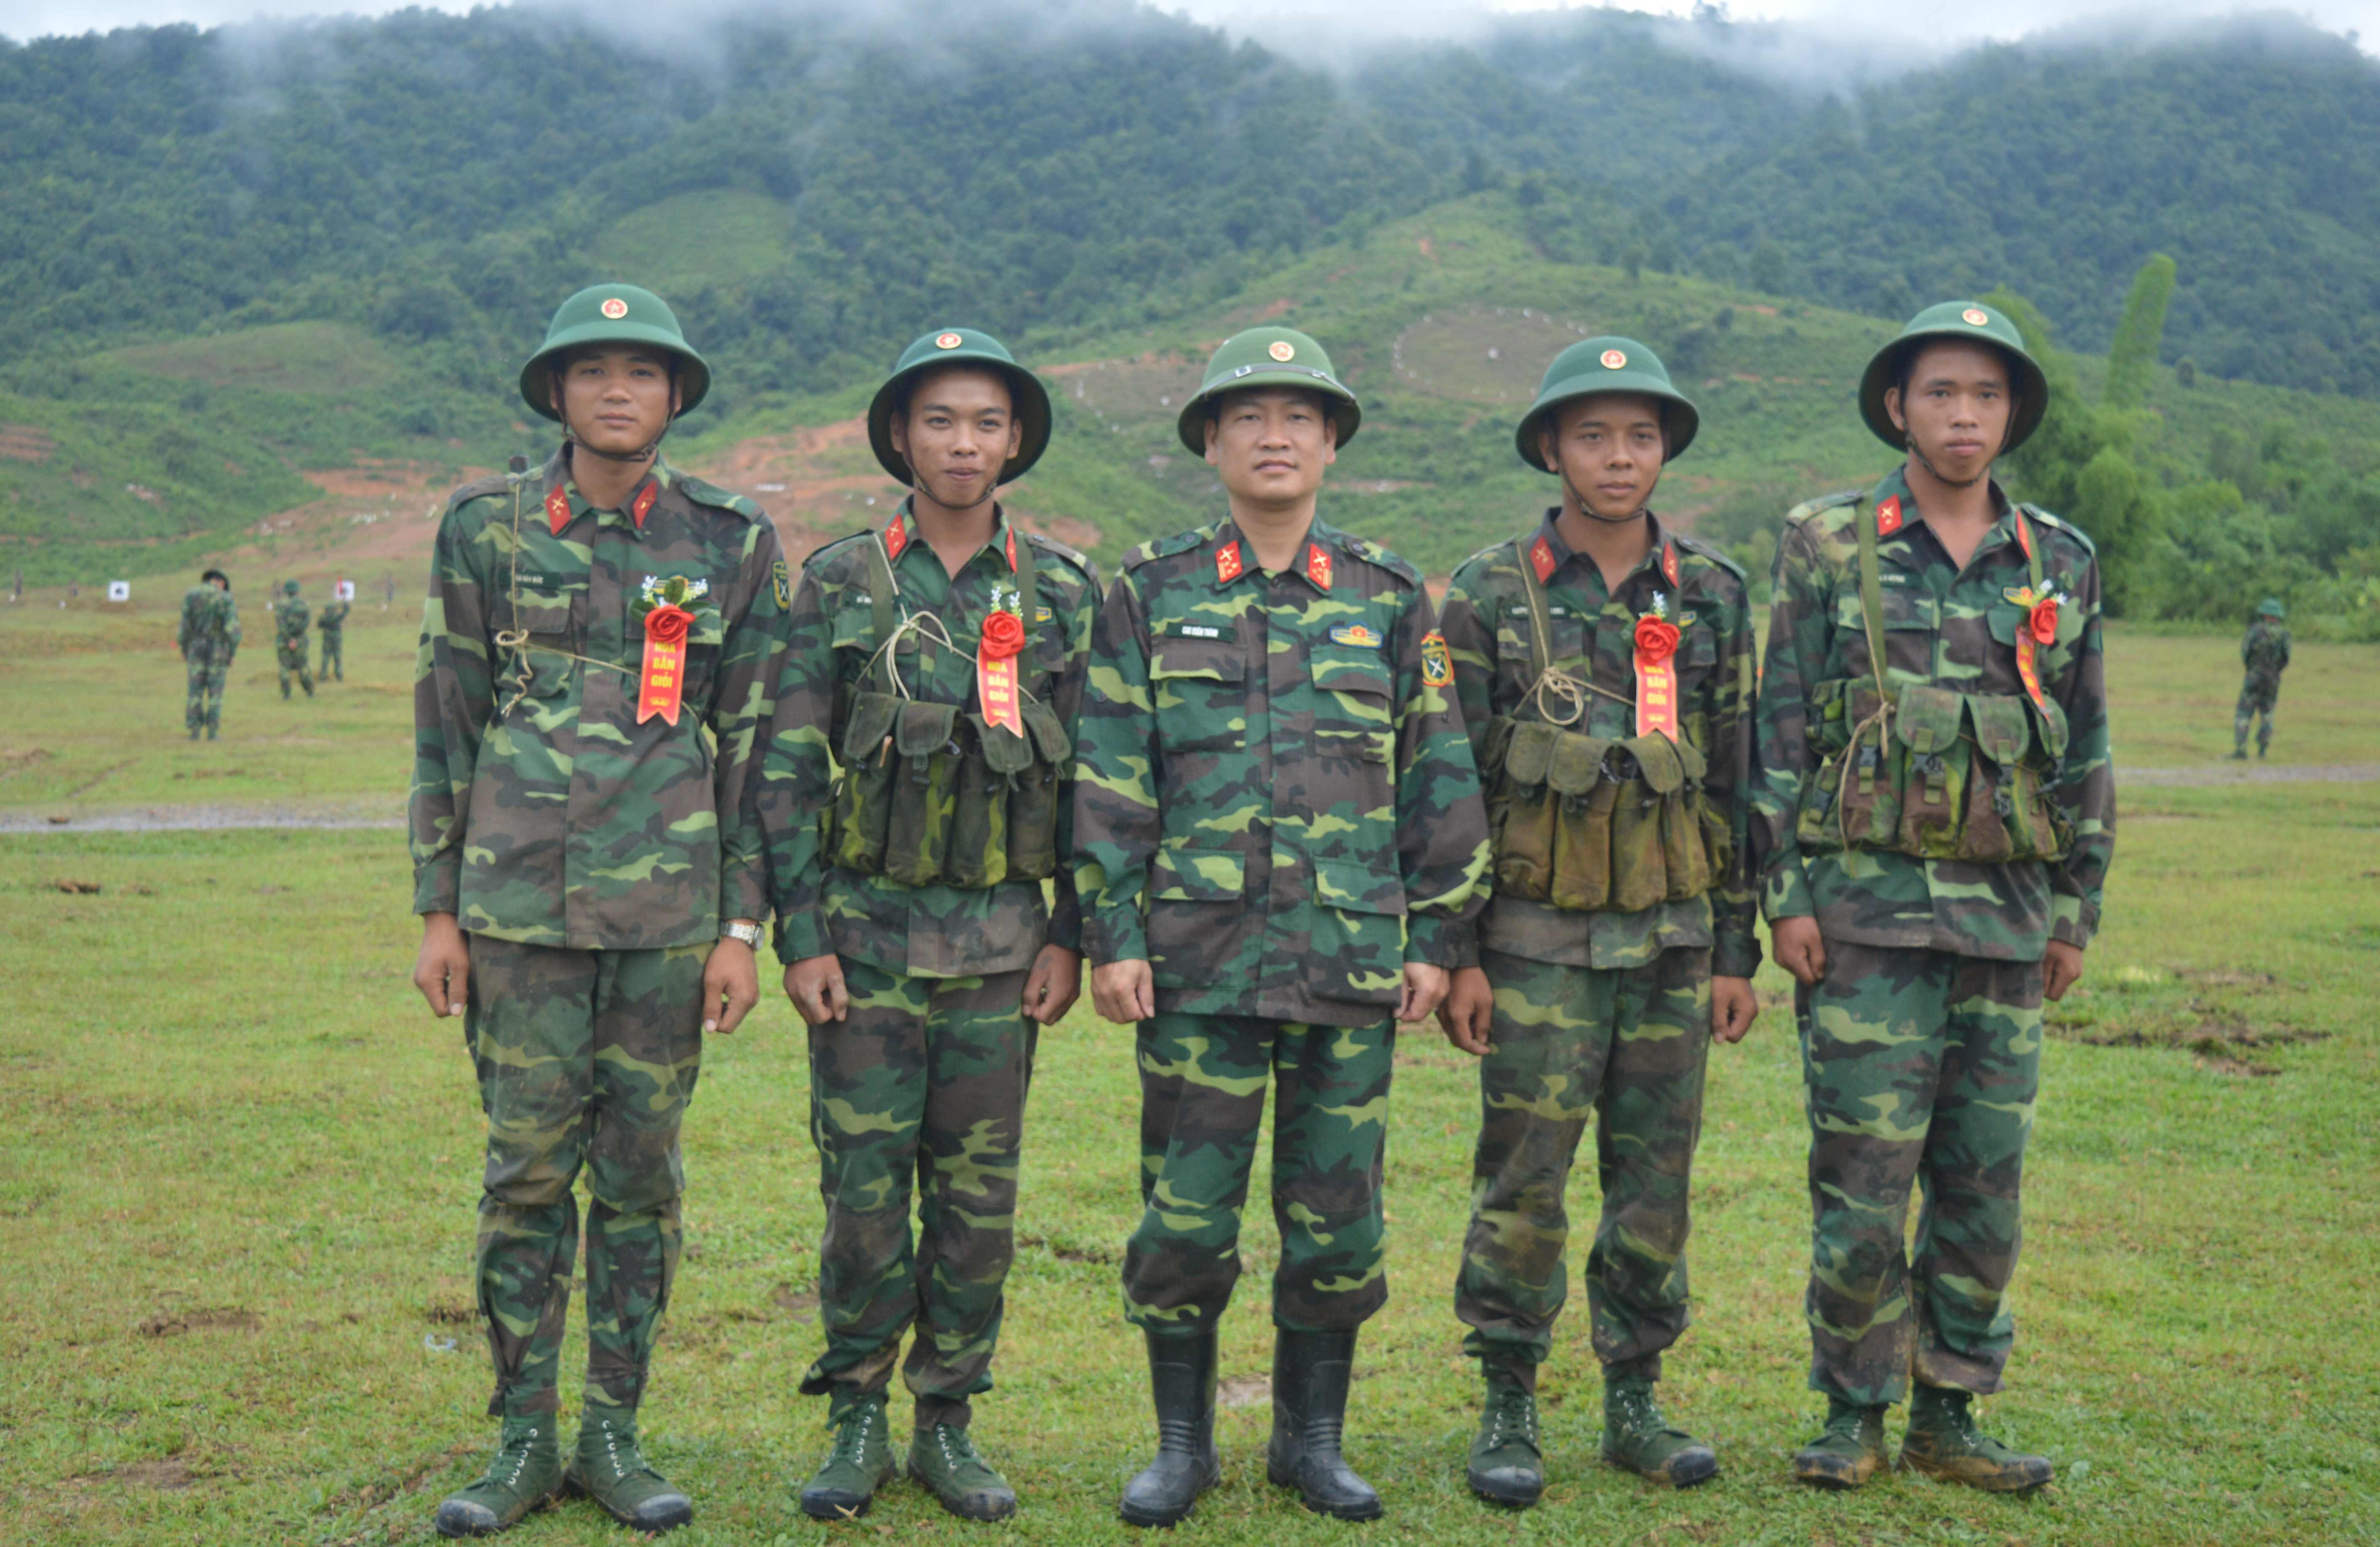 Nâng cao chất lượng huấn luyện chiến sĩ mới ở đơn vị anh hùng